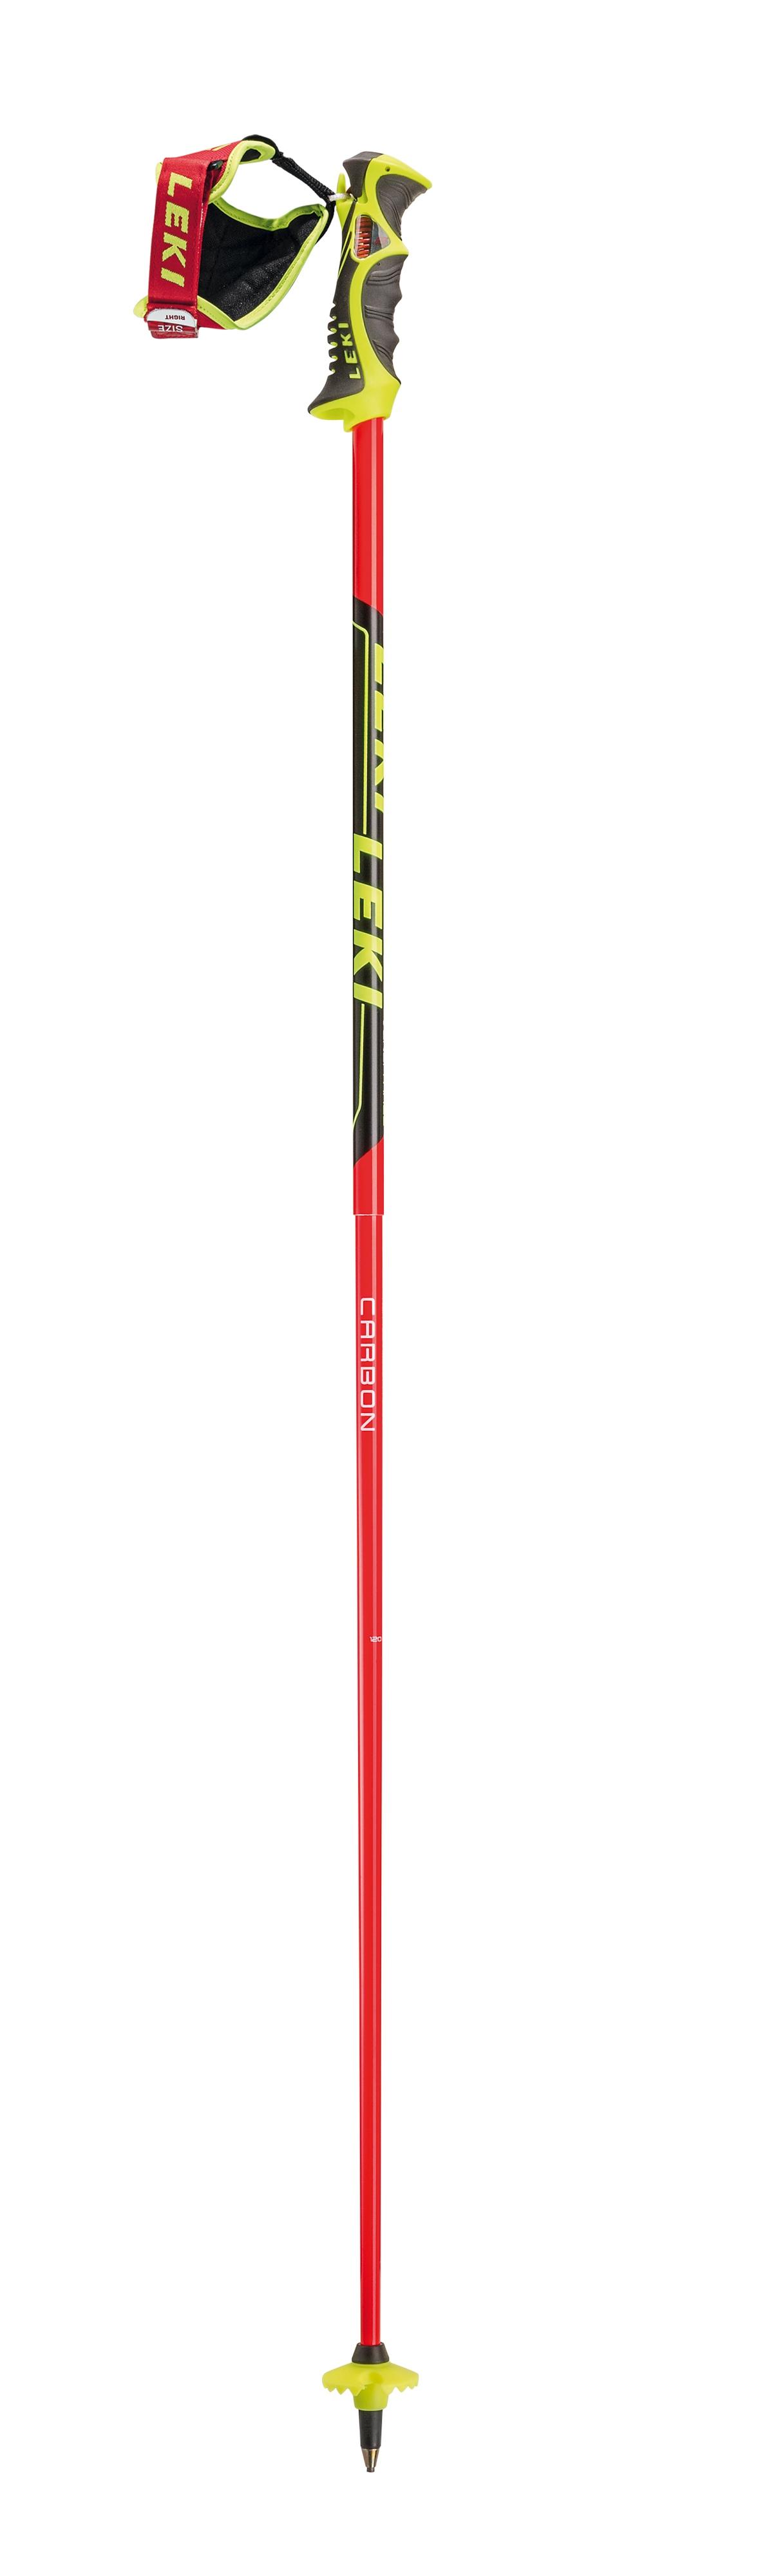 1c92bb14d39 Ce bâton de course de haute qualité en aluminium HTS 6.5 et carbone aramide  est équipé d une poignée slalom LEKI éprouvée. Quatre cavités pour les  doigts ...